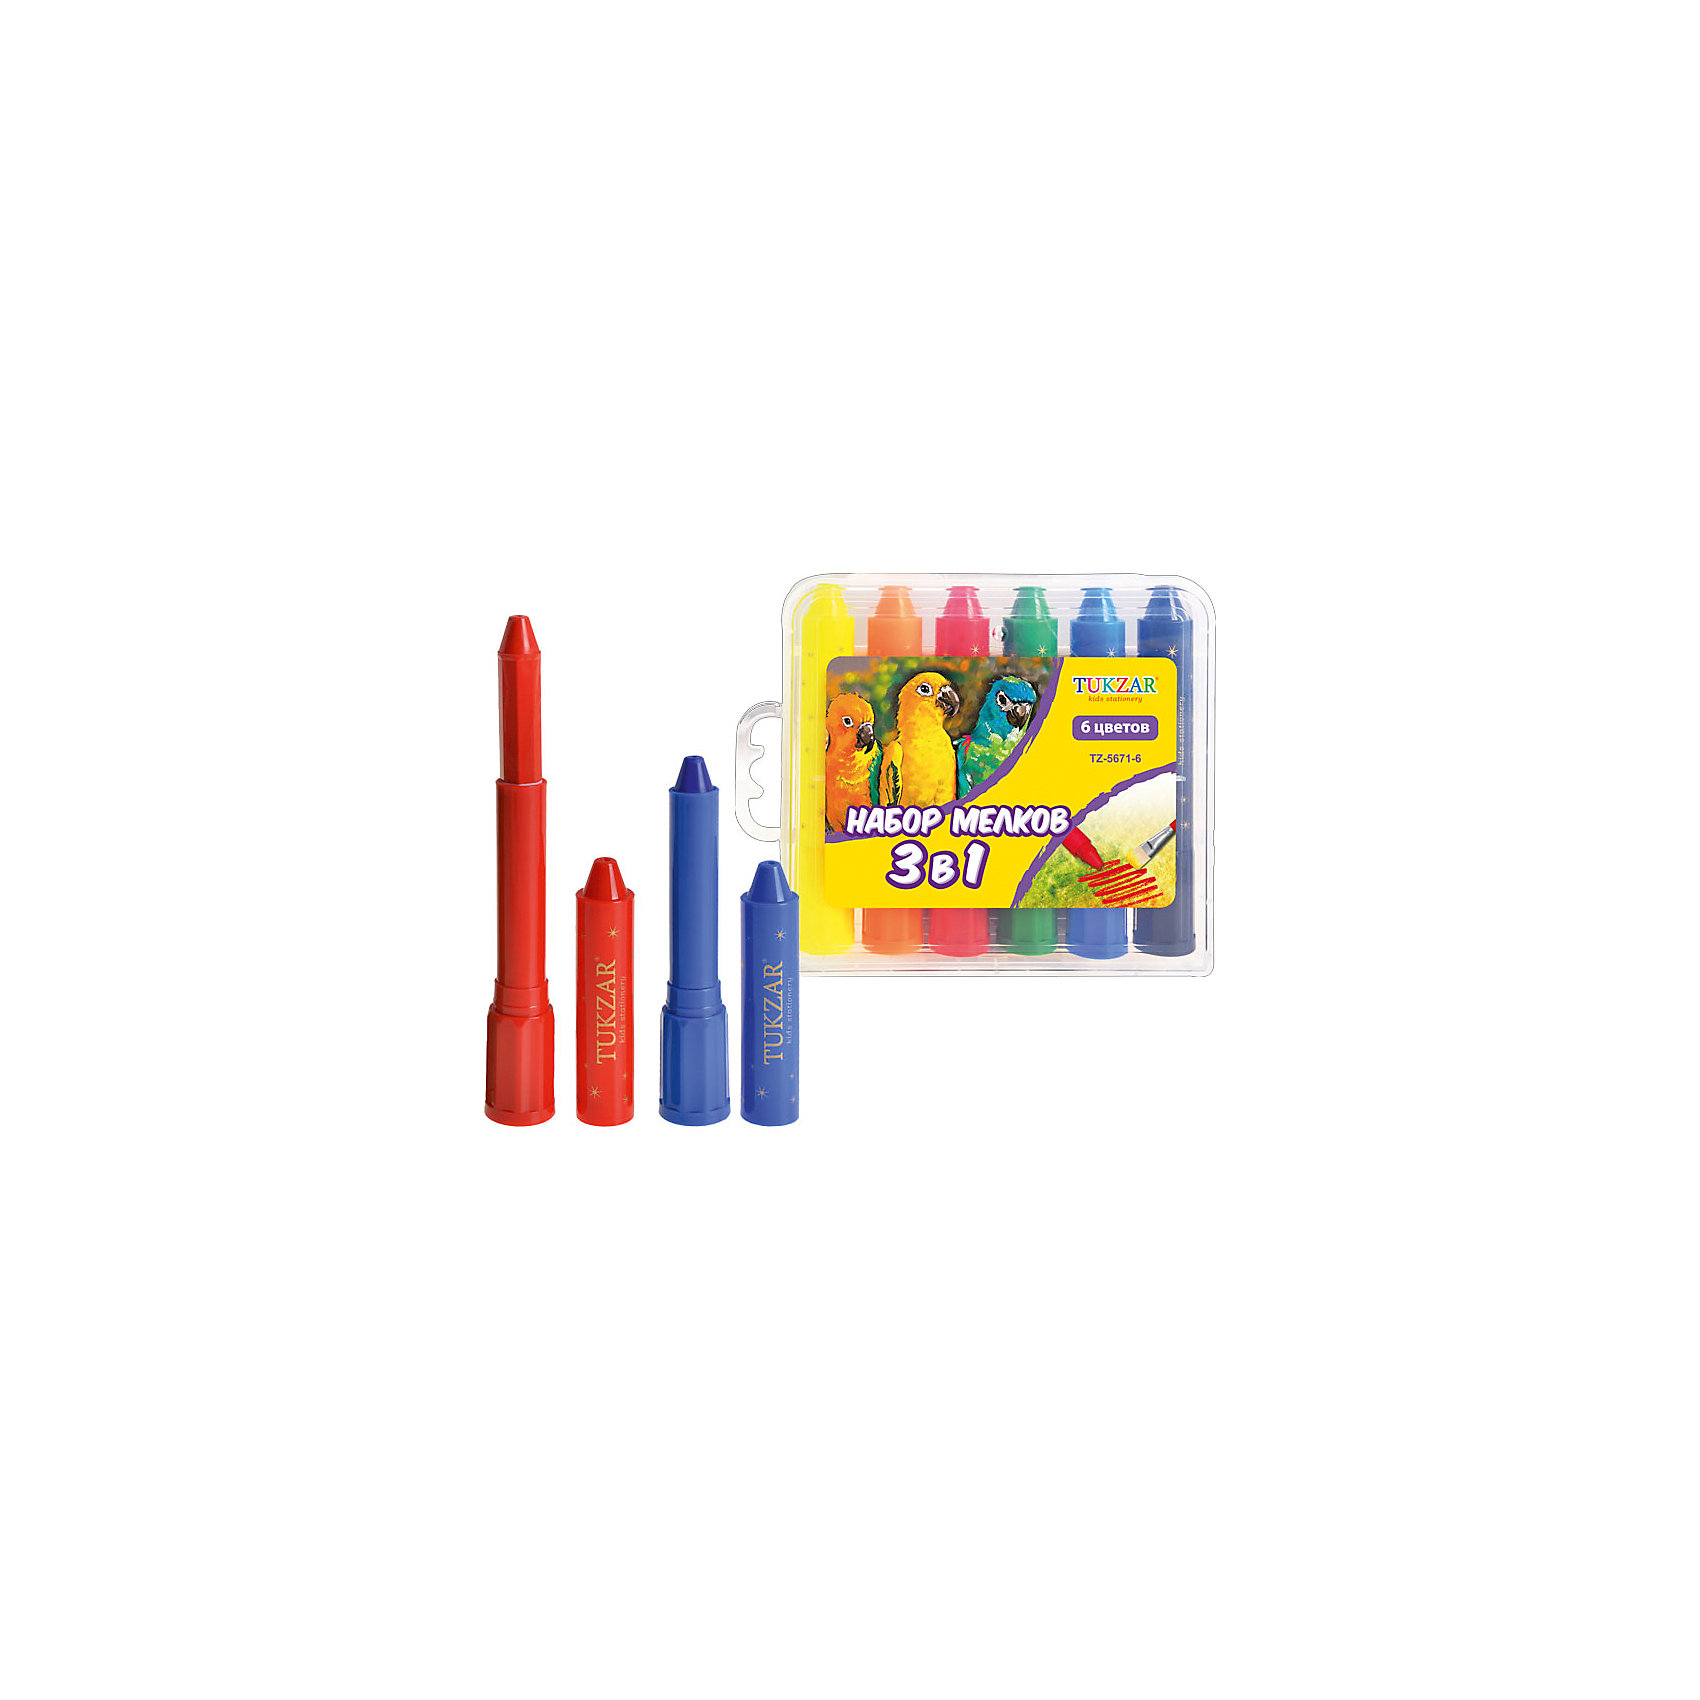 Набор мелков 3 в 1: пастель, акварель, пальчиковые краски, 6 цветовНабор мелков 3 в 1: пастель, акварель, пальчиковые краски, 6 цветов – этот набор подарит ребенку возможность рисовать тремя способами.<br>Набор мелков 3 в 1 сочетает в себе свойства обычных восковых мелков, пастели, акварели и пальчиковых красок. Цвета можно смешивать, как при работе с пастелью. А если к процессу рисования такими мелками подключить и влажную кисть, то мелки приобретают свойства акварели. Выкручивающийся механизм обеспечит постепенное выдвижение воскового грифеля из пластикового корпуса, благодаря чему ребенок не испачкается при рисовании.<br><br>Дополнительная информация:<br><br>- Количество цветов: 6<br>- Пластиковая упаковка<br>- Размер упаковки: 240х170х20 мм.<br><br>Набор мелков 3 в 1: пастель, акварель, пальчиковые краски, 6 цветов можно купить в нашем интернет-магазине.<br><br>Ширина мм: 240<br>Глубина мм: 170<br>Высота мм: 20<br>Вес г: 350<br>Возраст от месяцев: 36<br>Возраст до месяцев: 144<br>Пол: Унисекс<br>Возраст: Детский<br>SKU: 4051909